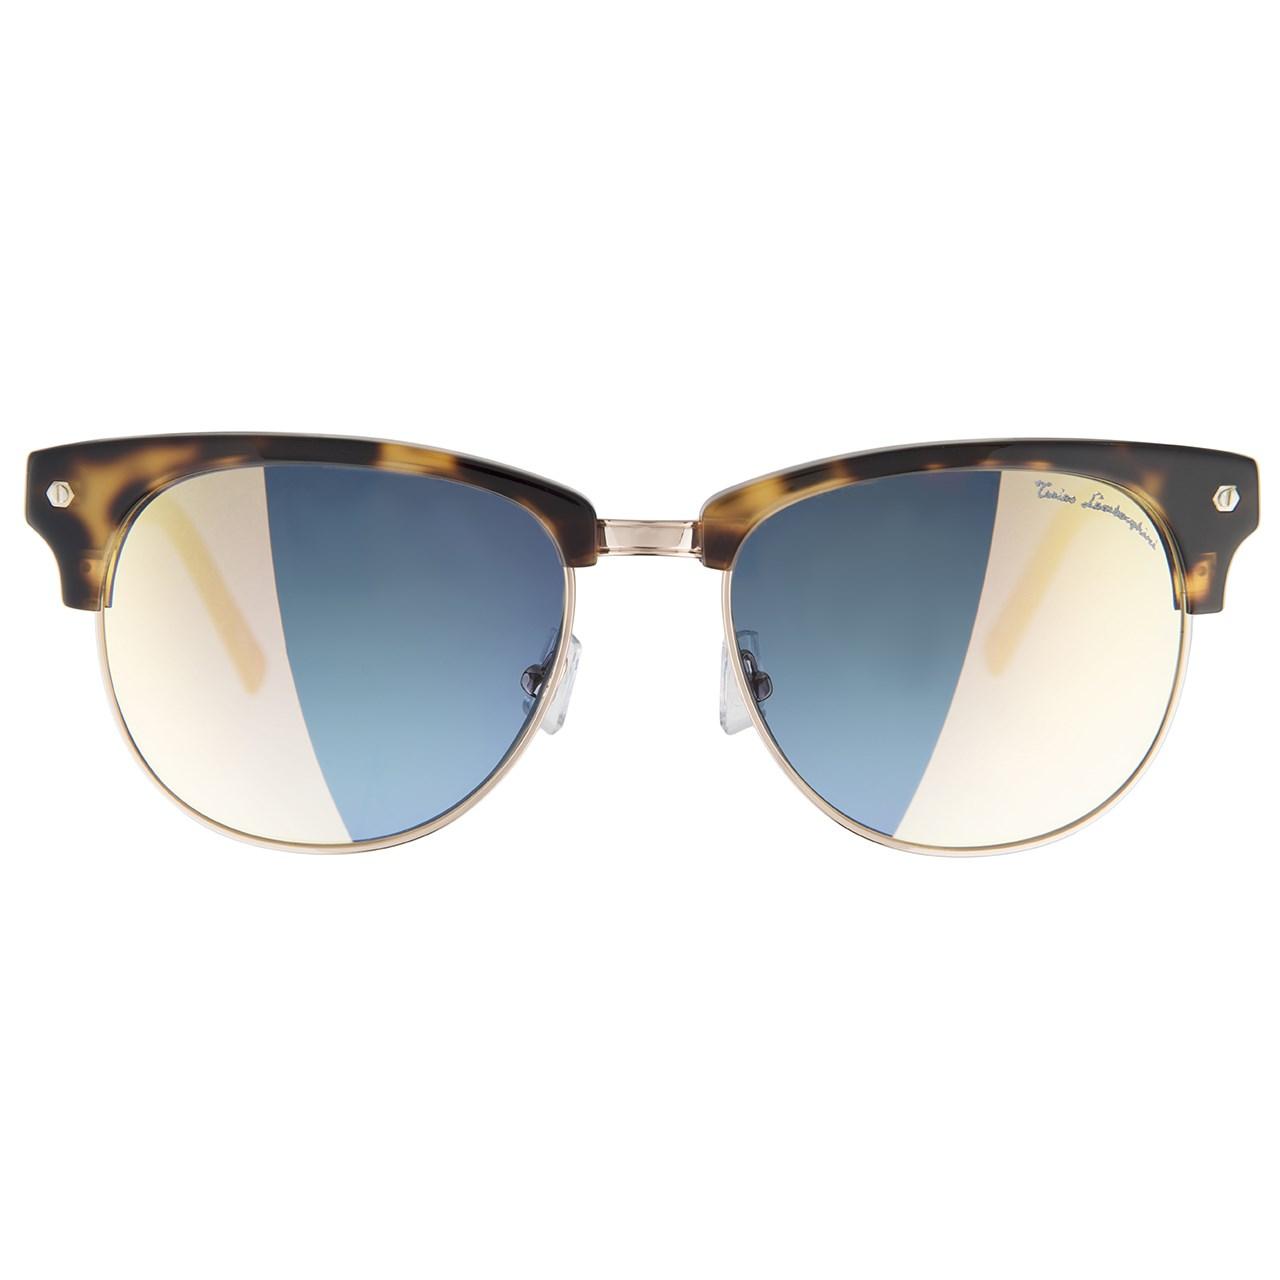 عینک آفتابی تونینو لامبورگینی مدل TL566-55